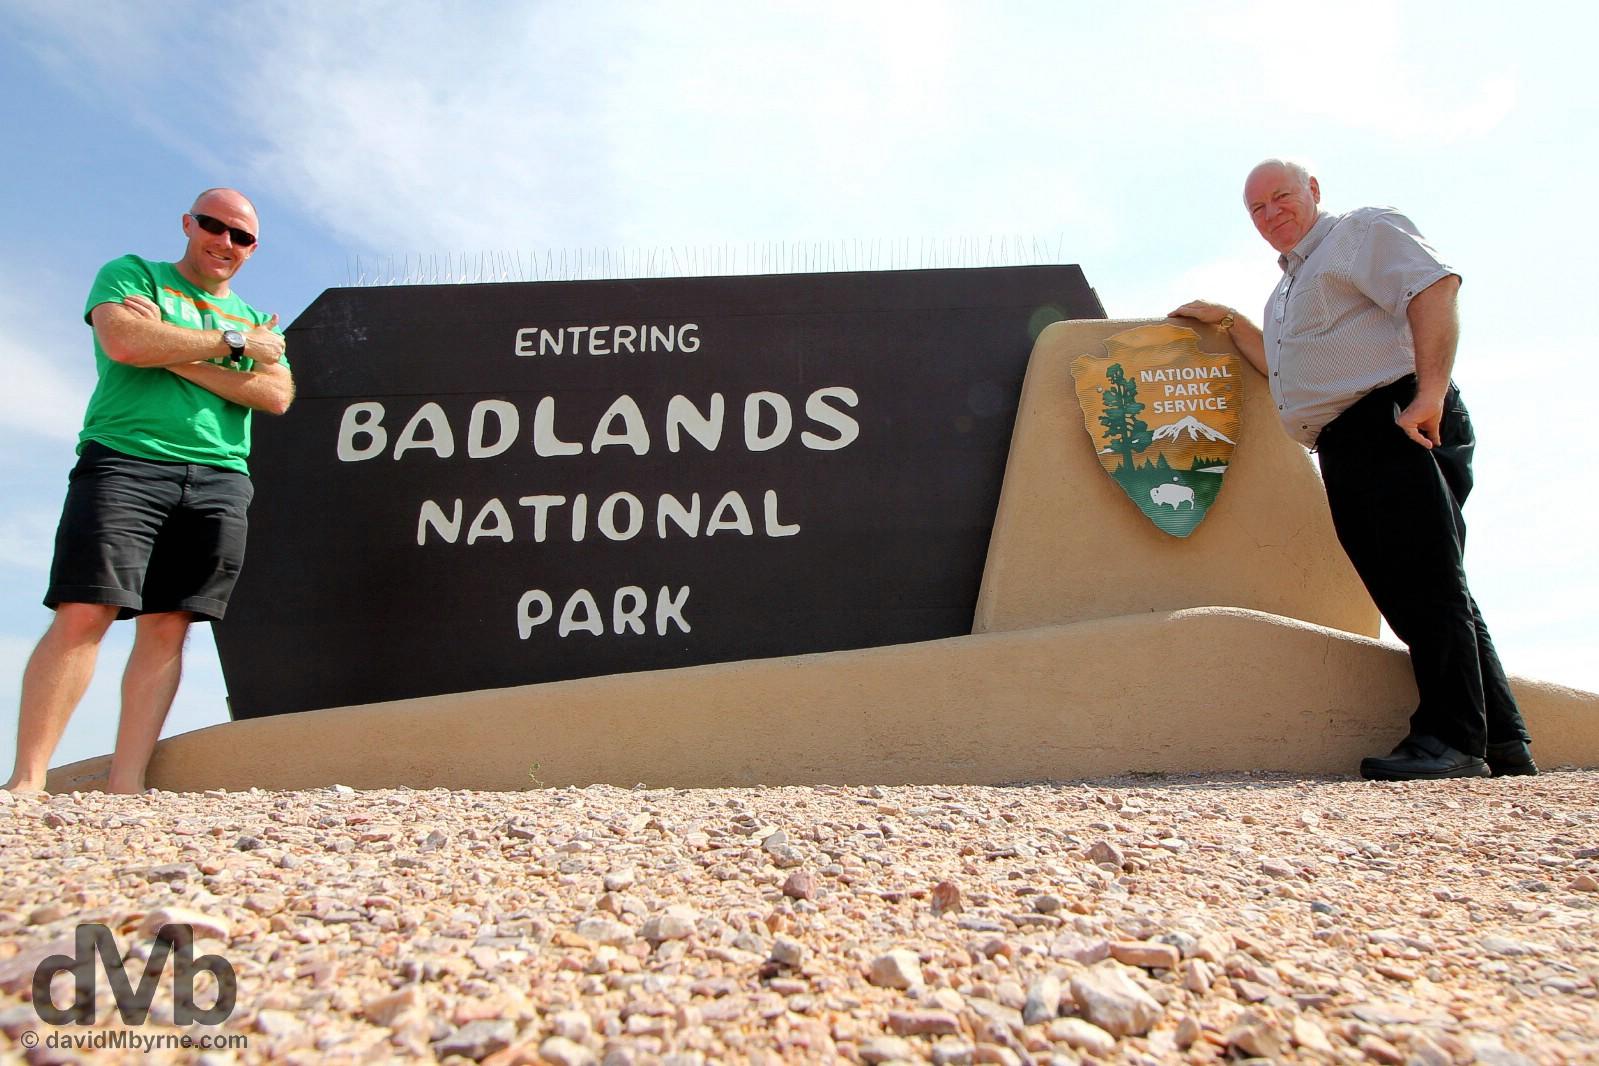 Badlands National Park, South Dakota. September 1, 2016.